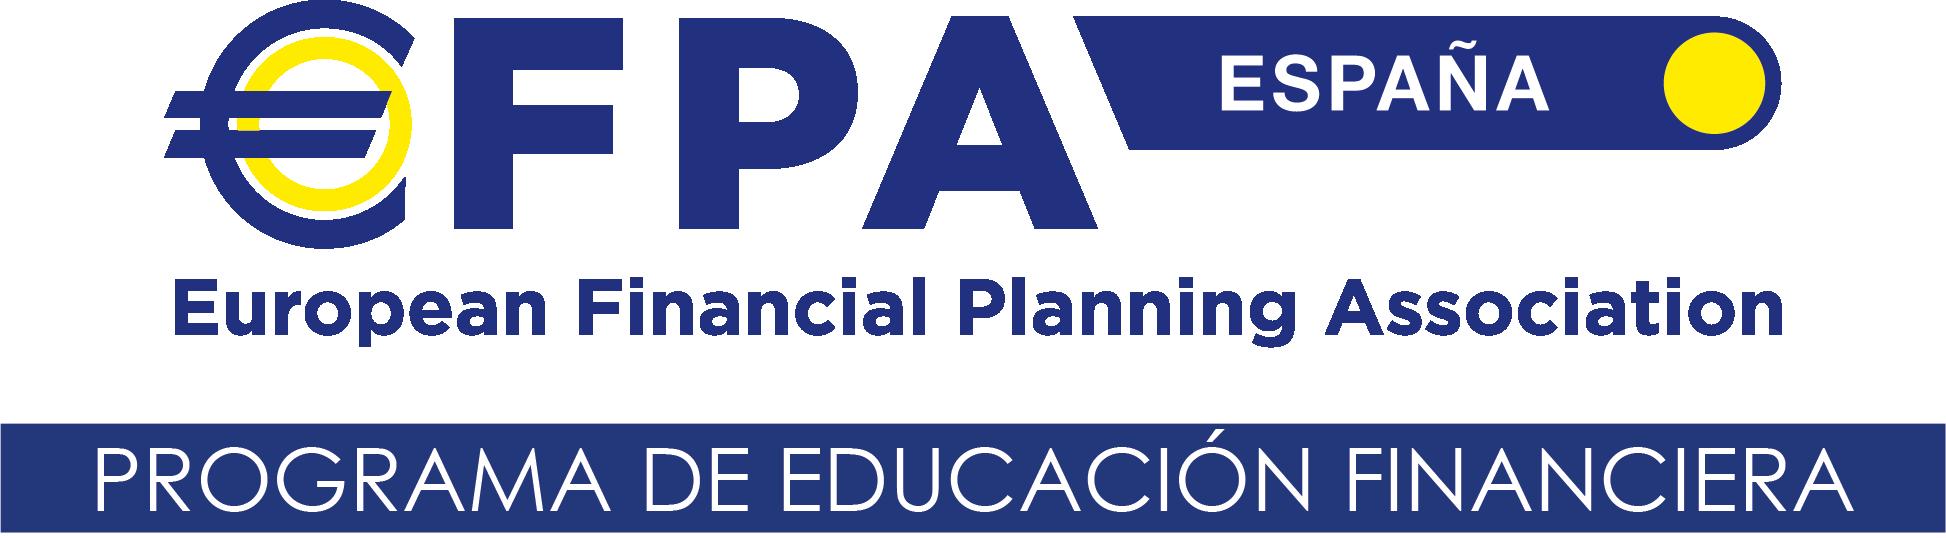 EFPA Educación financiera